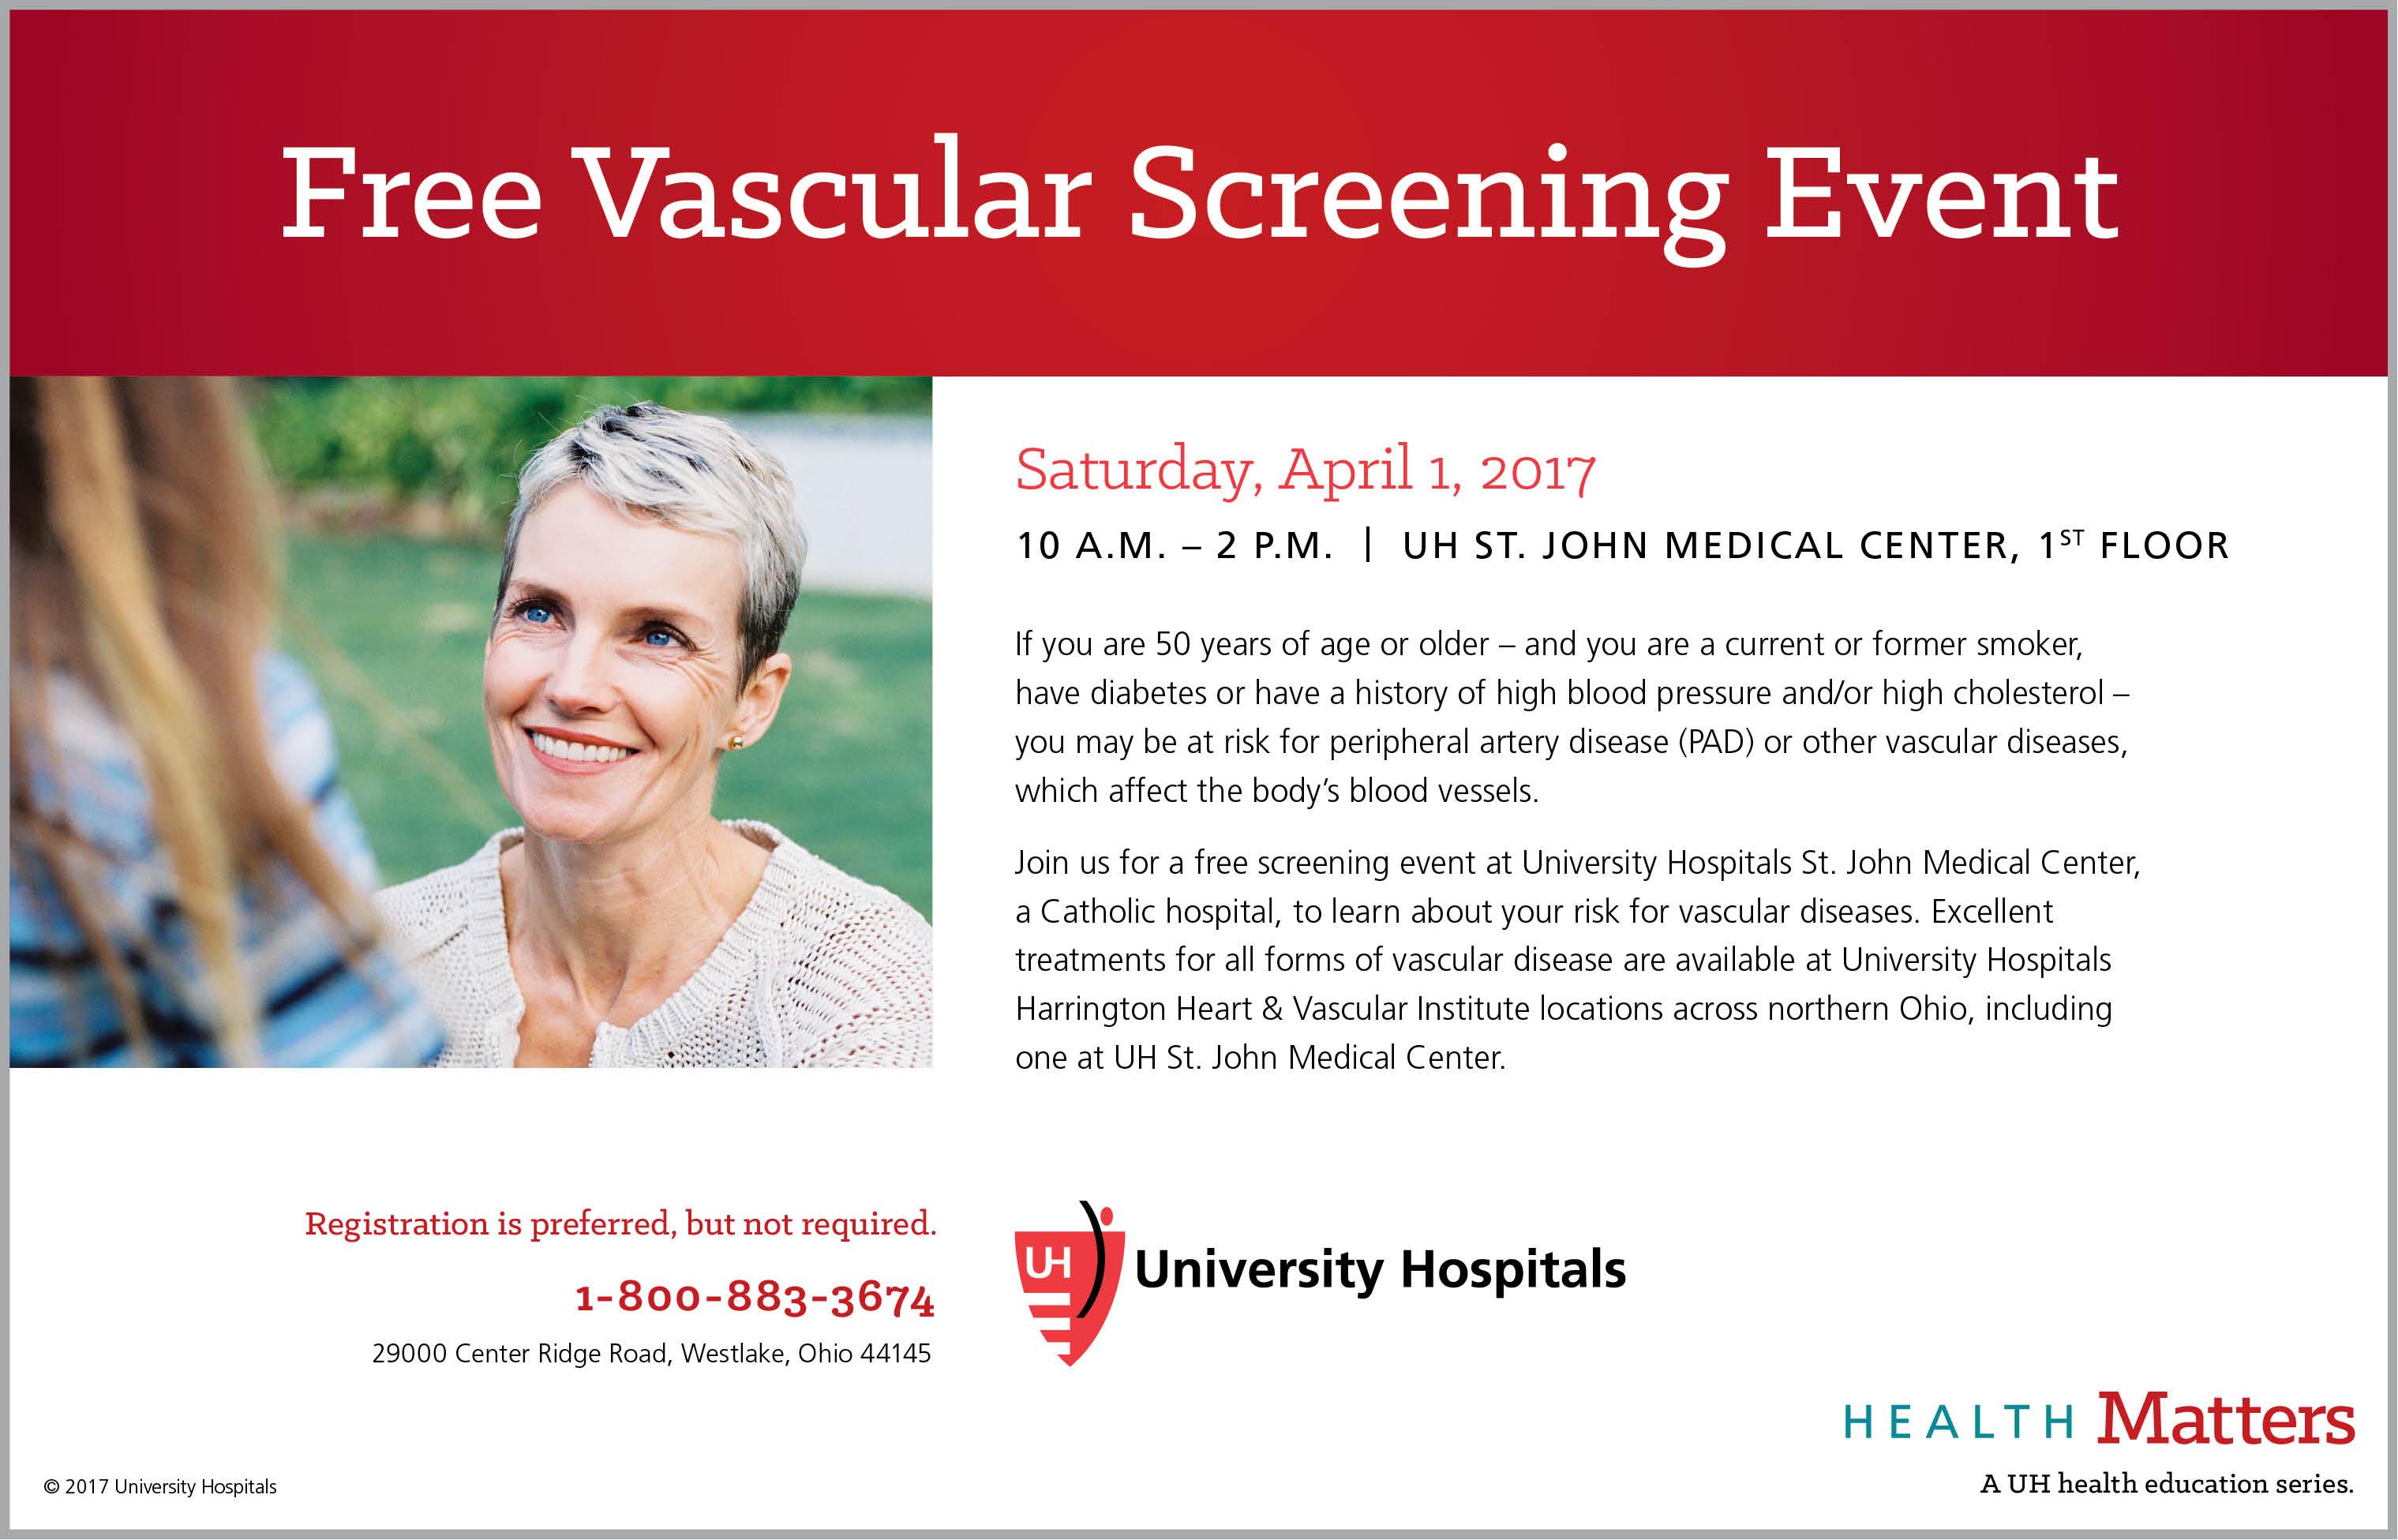 32317-UHSJMC-VascularScreening